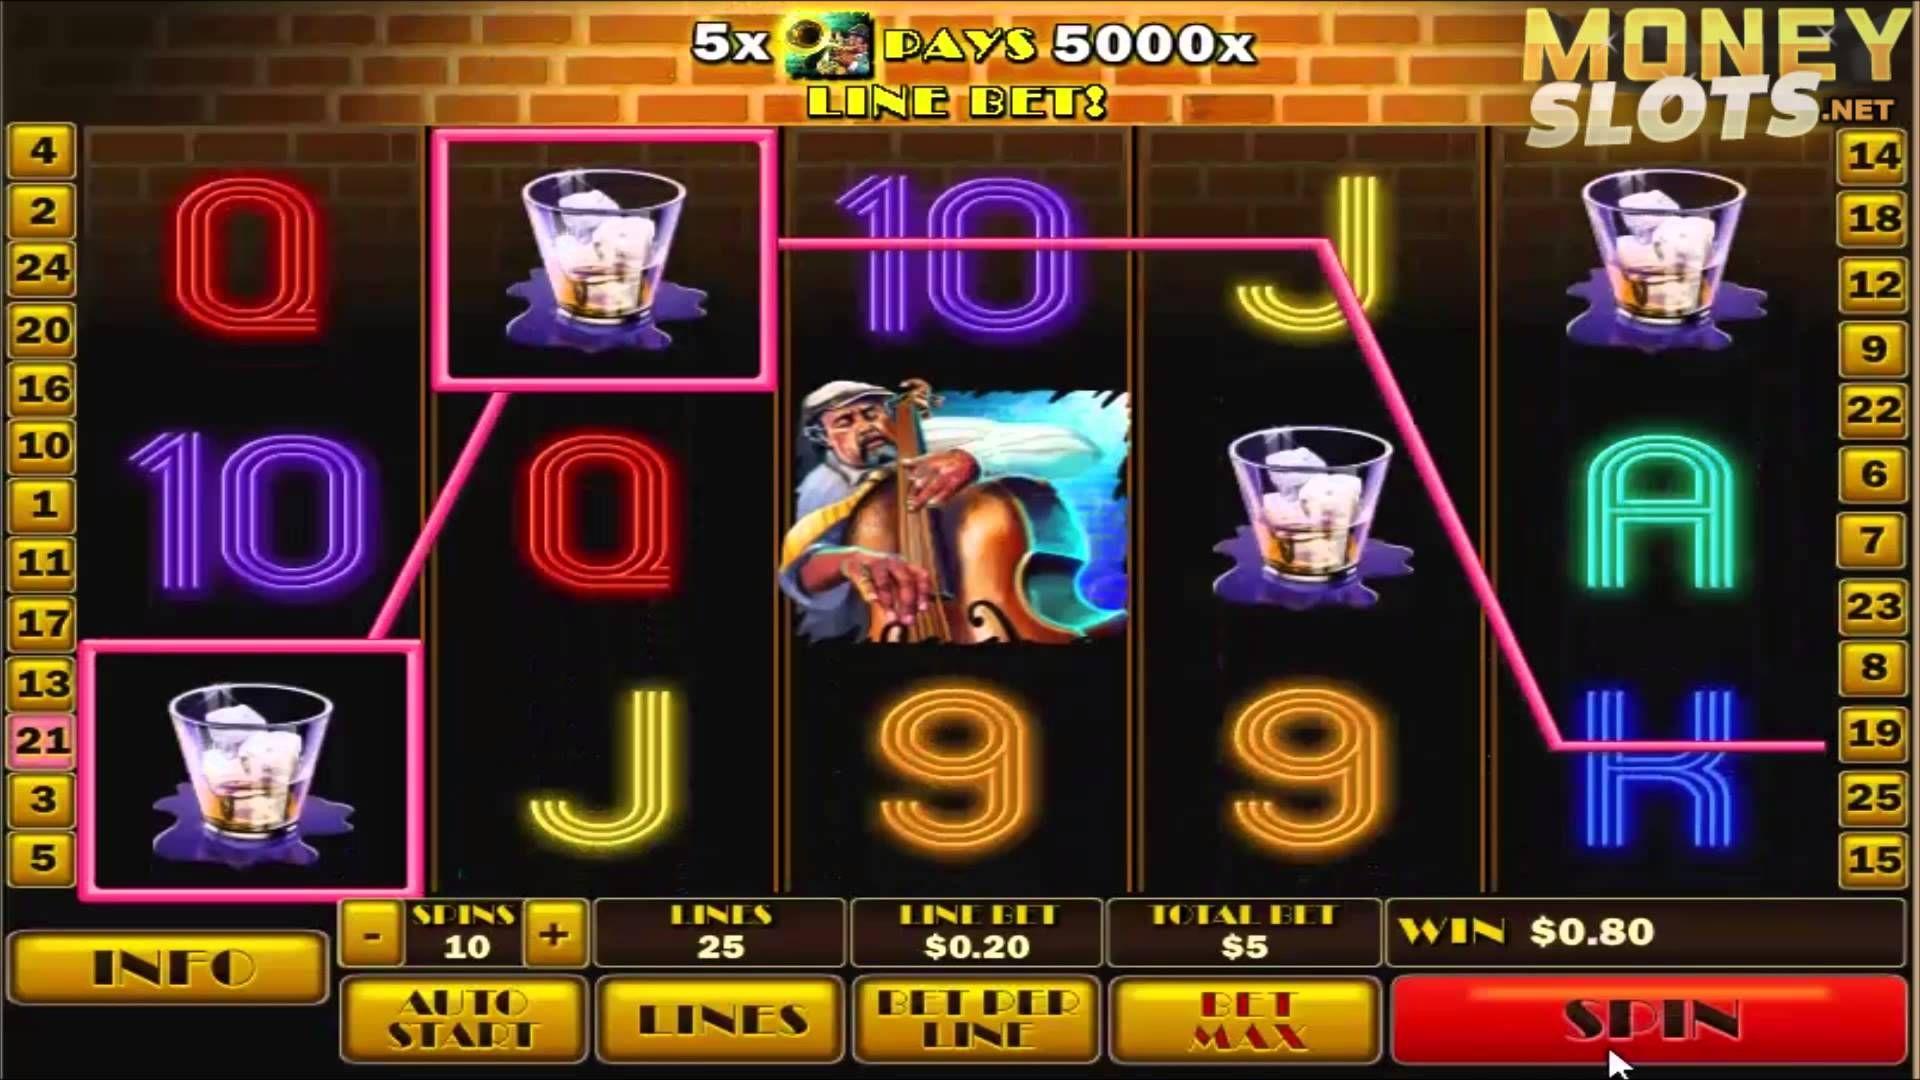 Casino spel gratis The download